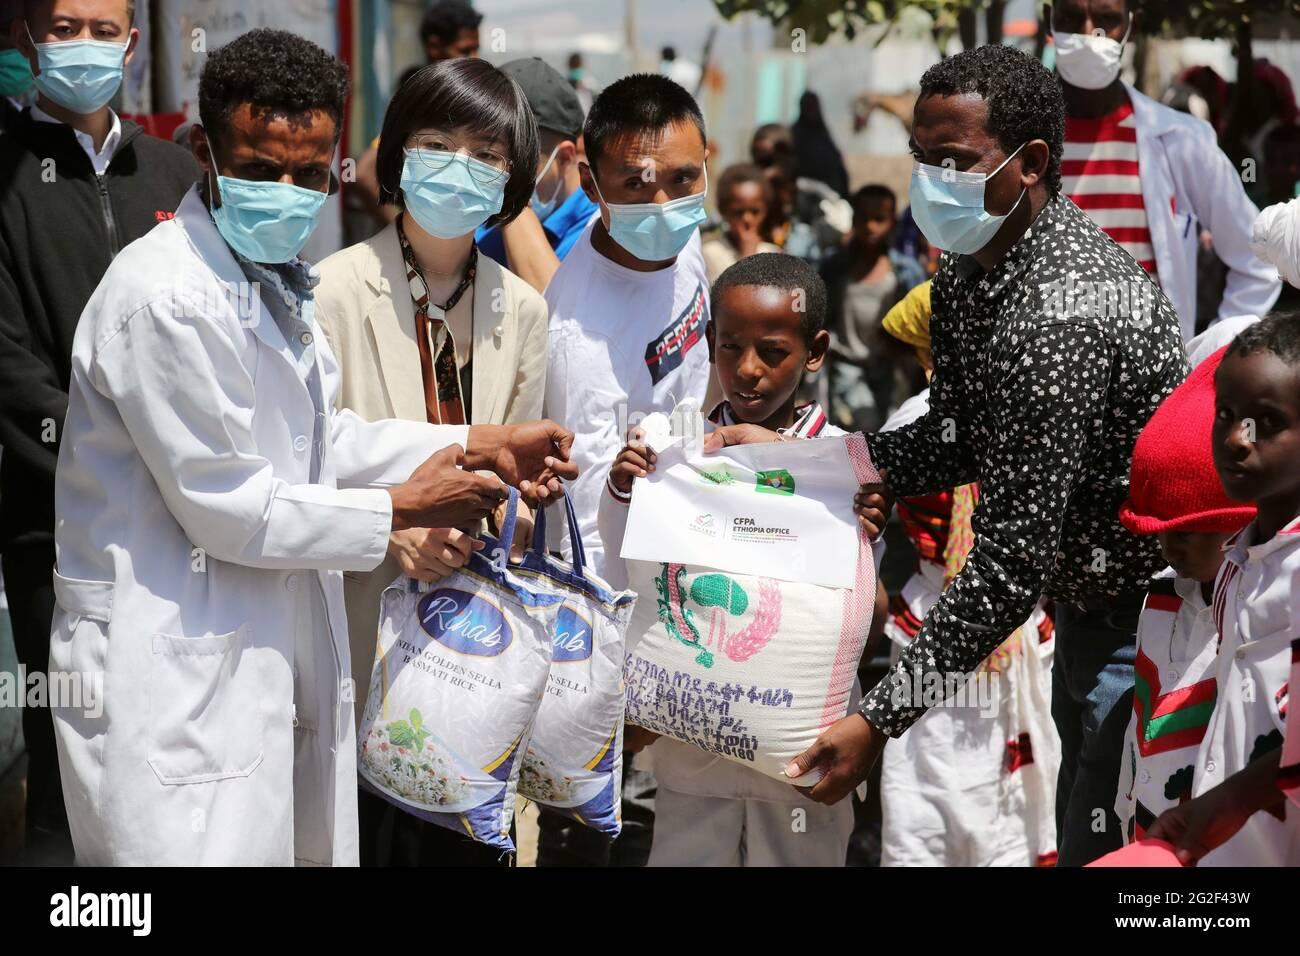 Dukem, scuola elementare di Obaay, nella città di Dukem, nello stato regionale dell'Oromia in Etiopia. 9 Giugno 2021. Huang Xiaocen (2° L, fronte), vicedirettore della Fondazione cinese per l'alleviamento della povertà (CFPA) Etiopia, distribuisce cibo agli studenti locali della scuola elementare di Obaay nella città di Dukem dello stato regionale di Oromia in Etiopia, il 9 giugno 2021. Il CFPA il mercoledì ha distribuito pacchetti di cibo a più di 400 studenti presso la scuola elementare di Obaay nella città di Dukem, nello stato regionale dell'Oromia in Etiopia. Credit: Wang Ping/Xinhua/Alamy Live News Foto Stock